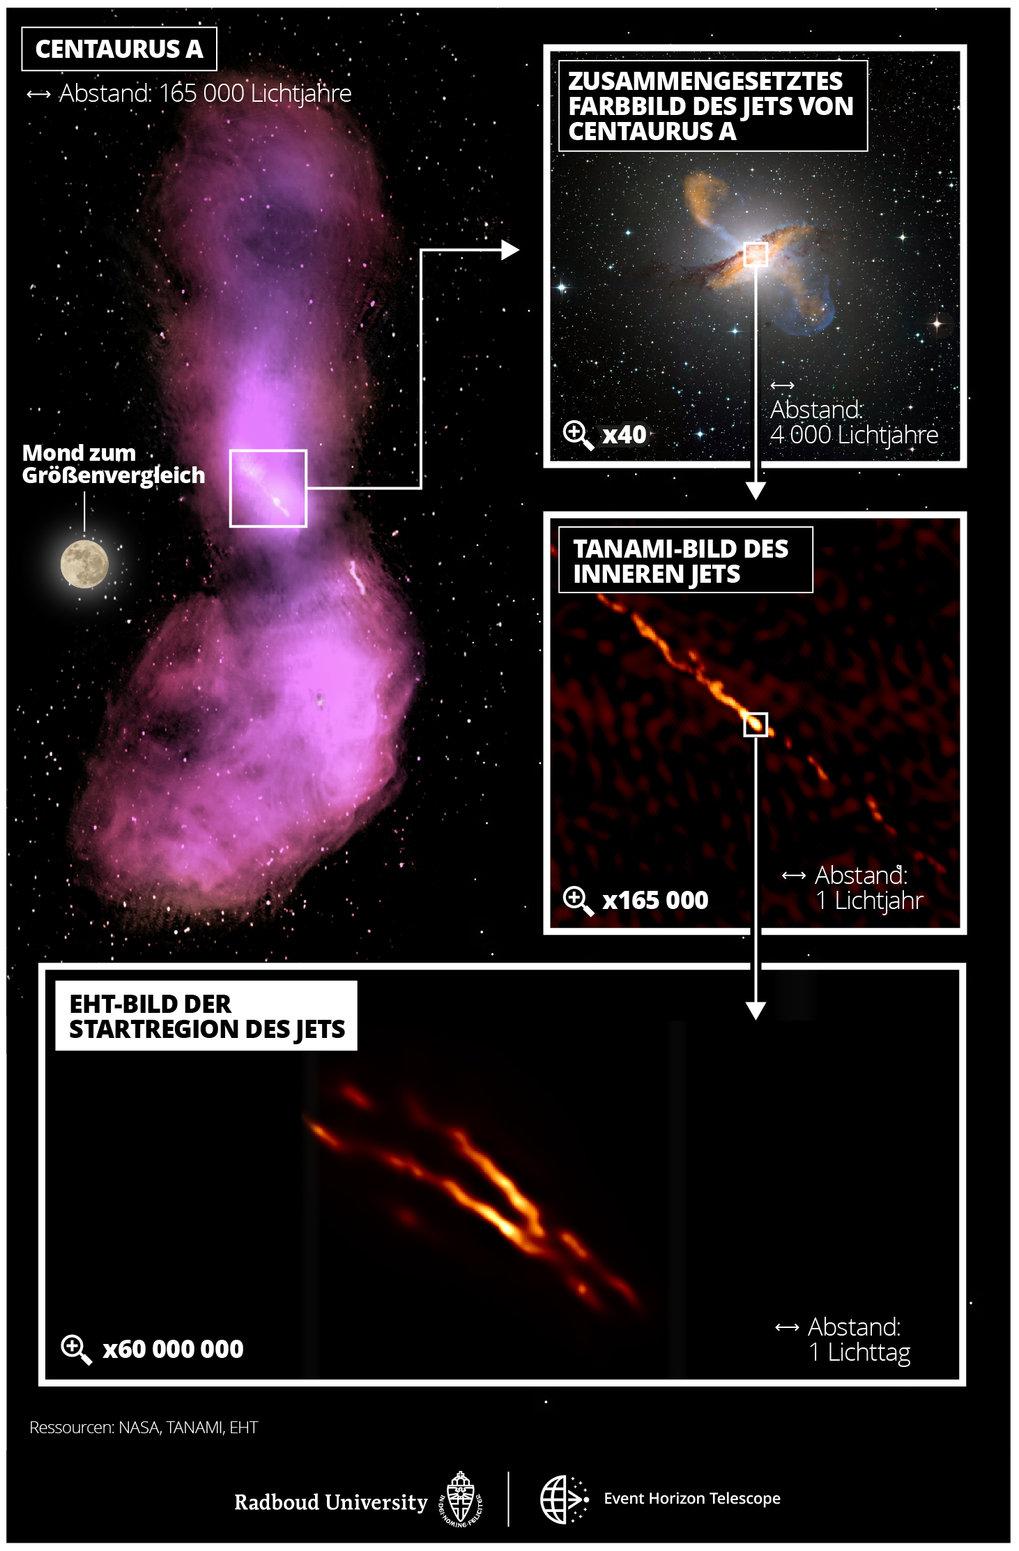 Annäherung: Die ausgedehnten Gaswolken des Jets von Centaurus A erstrecken sich im Bereich der Radiowellen am irdischen Himmel über rund 16 Vollmonddu